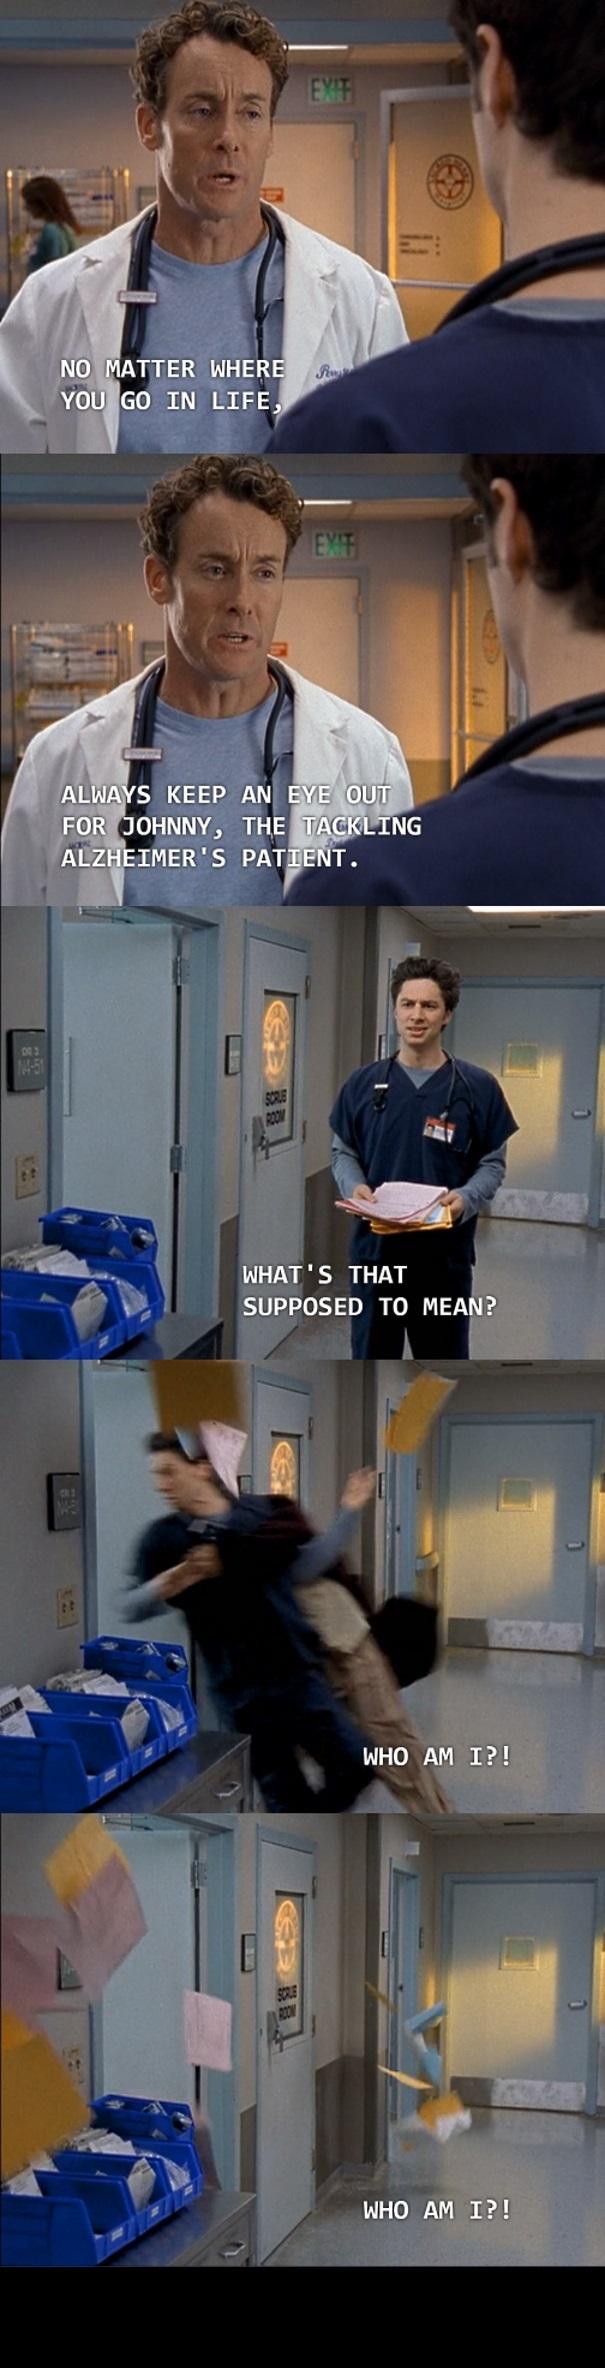 Scrubs Season 2: Episode 15 His Story. You're welcome. - meme